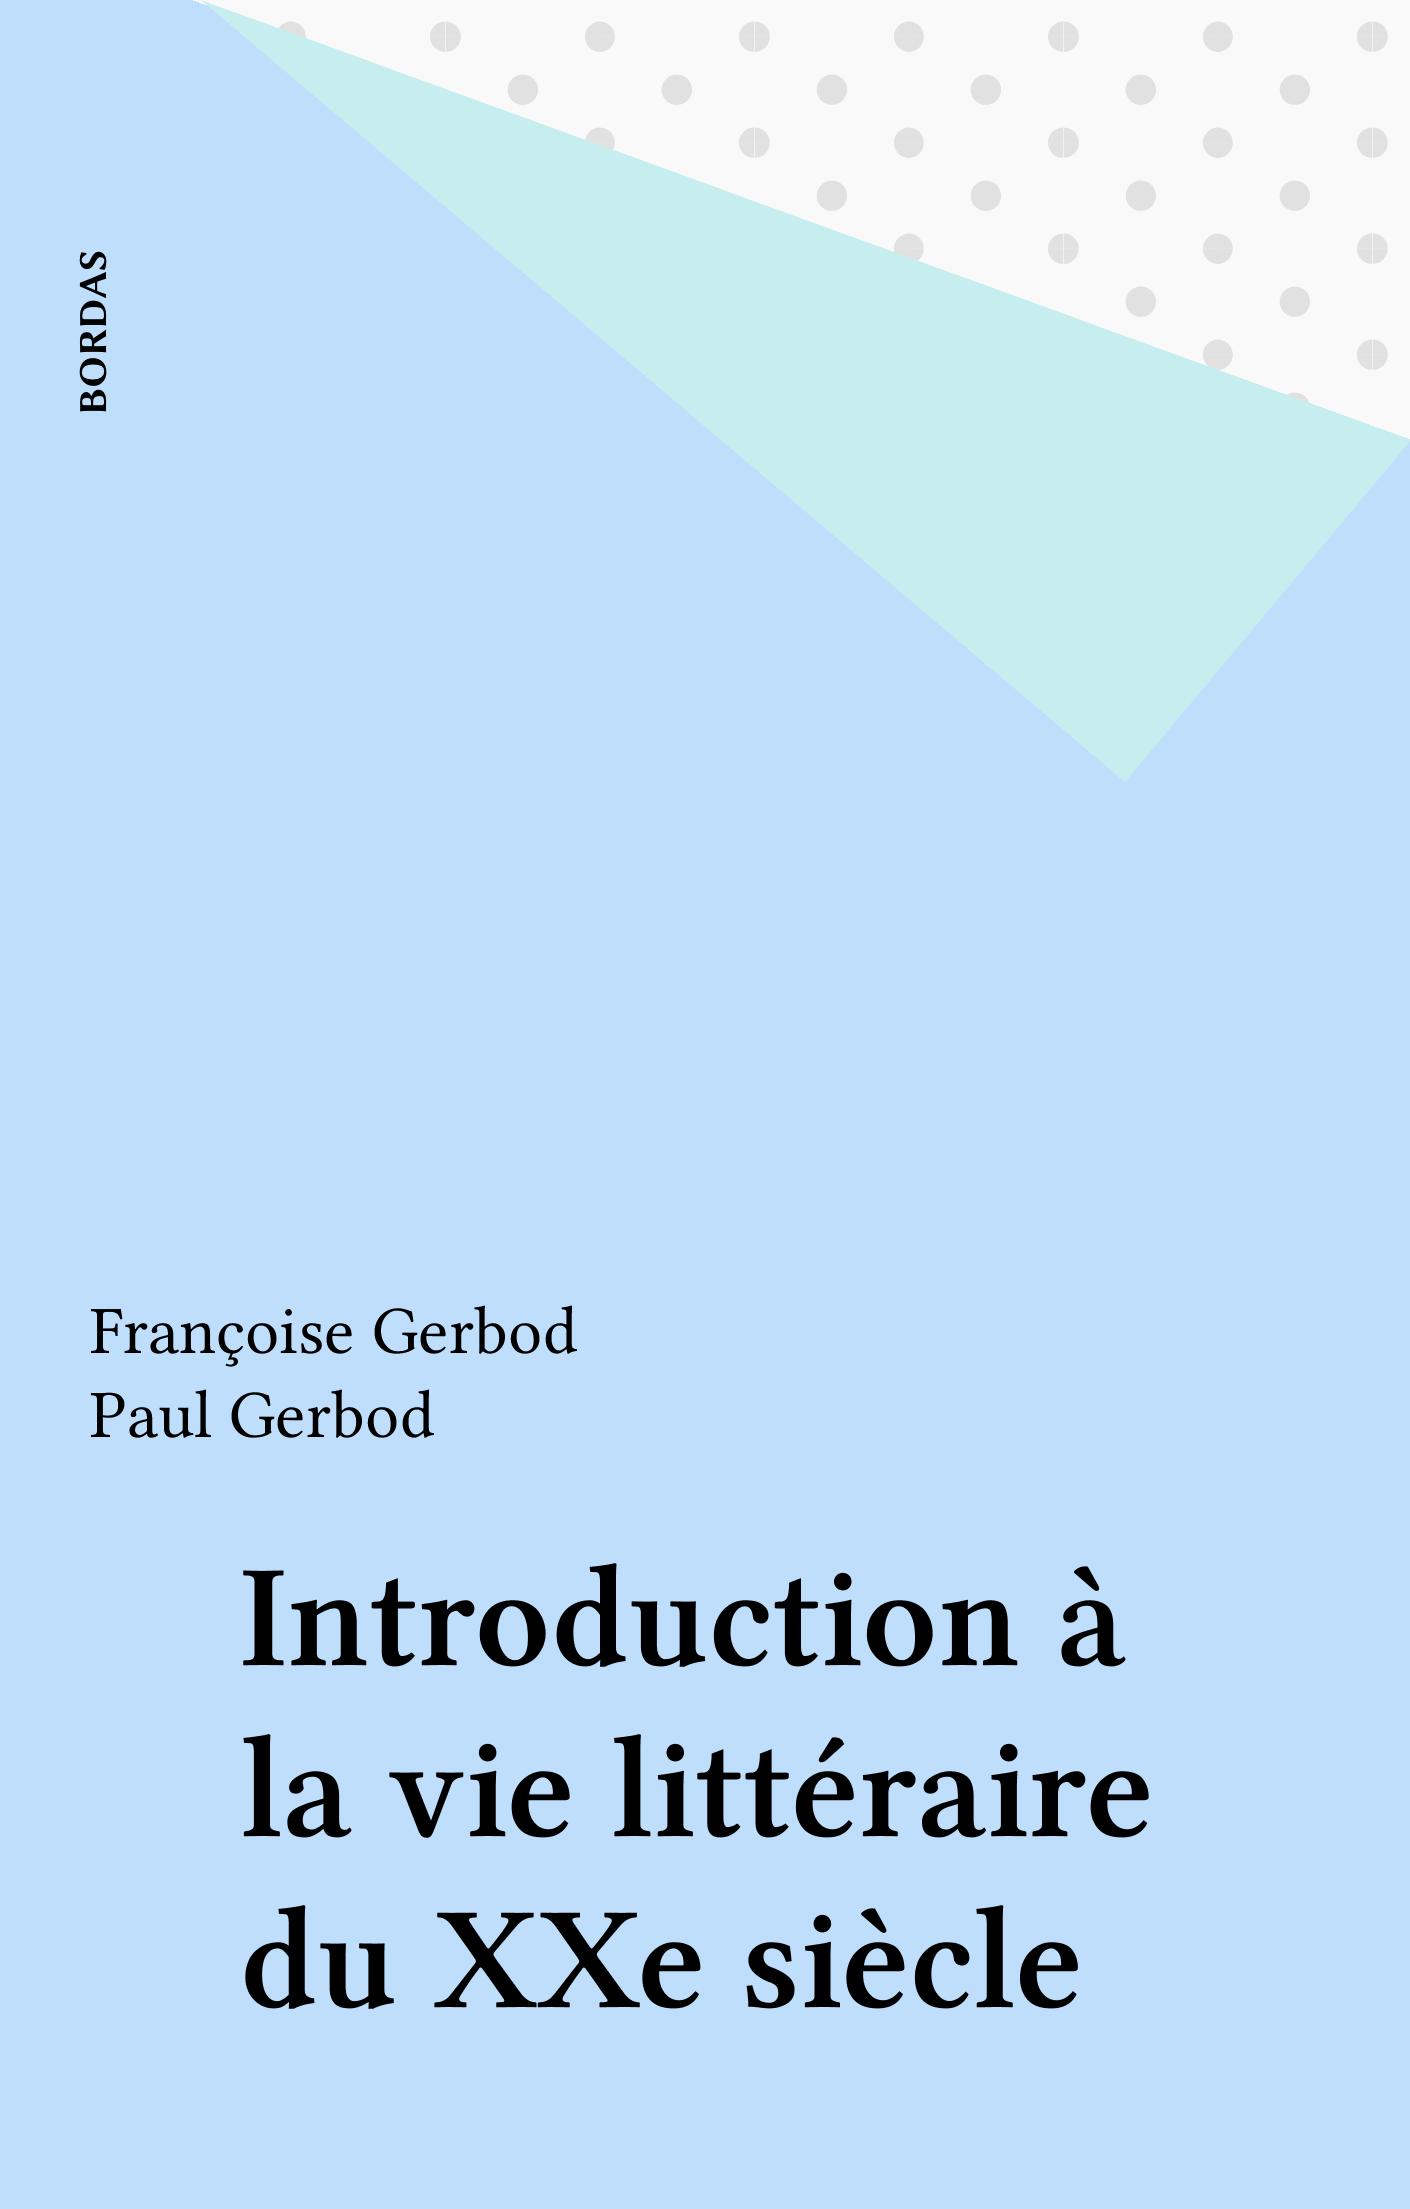 Introduction à la vie litté...